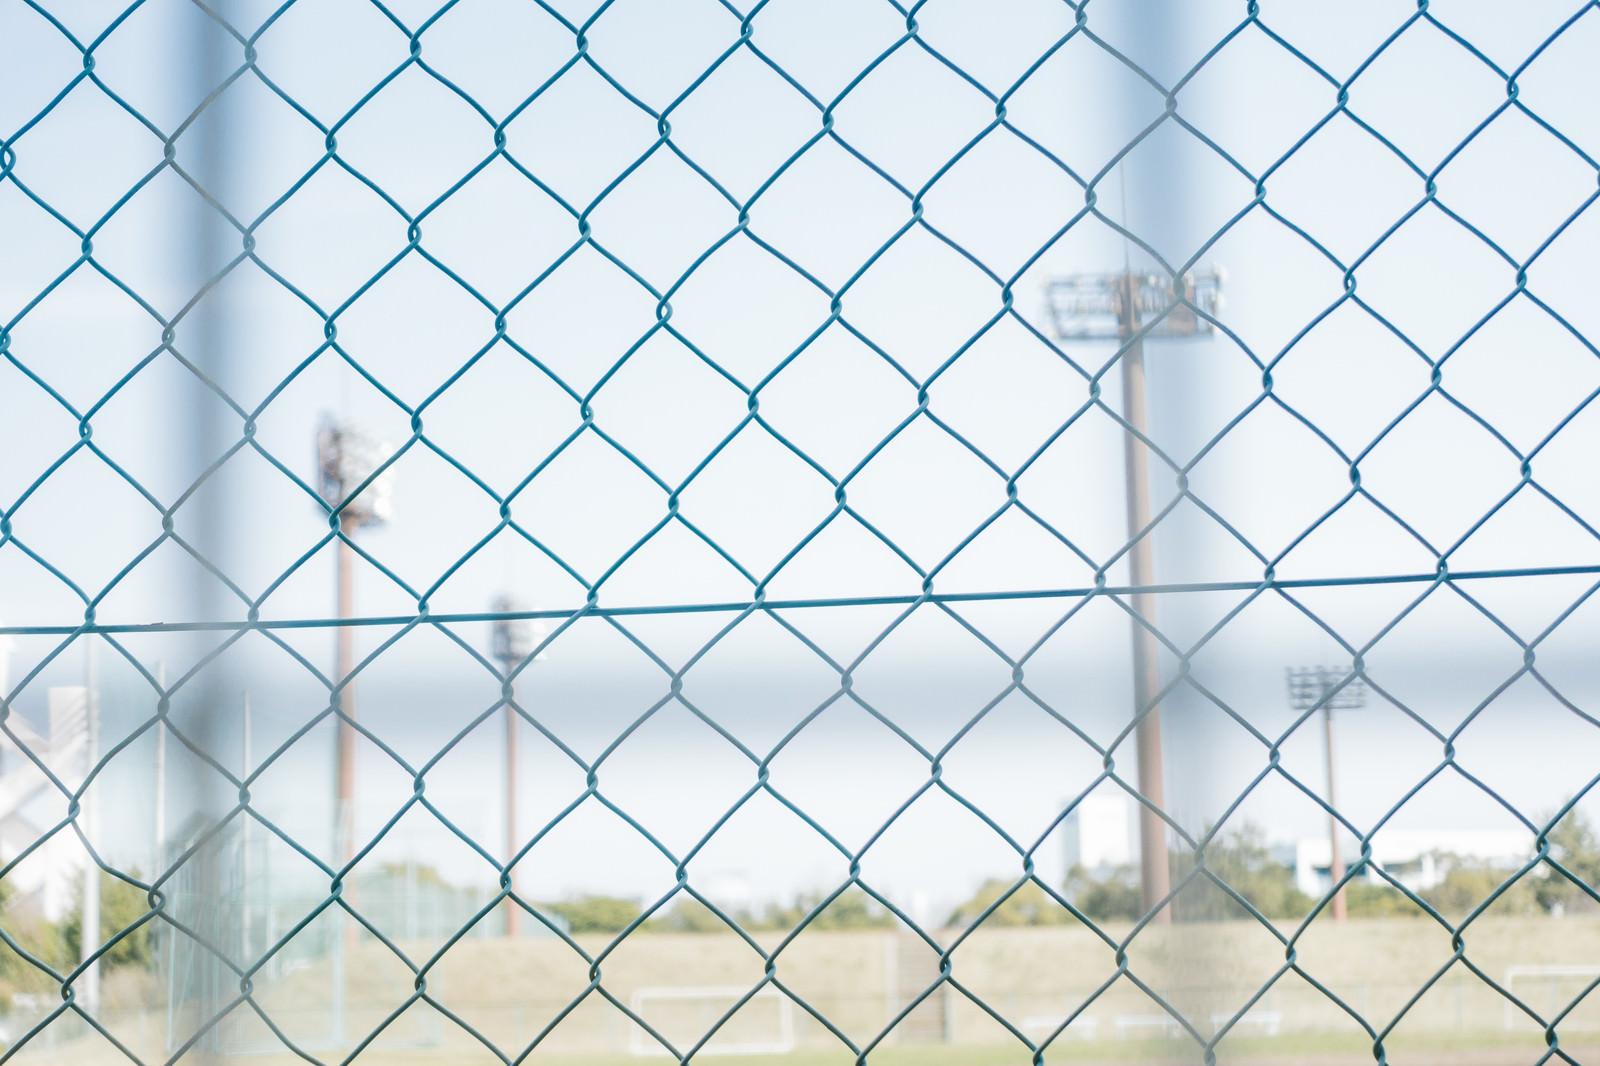 「金網と野球場金網と野球場」のフリー写真素材を拡大